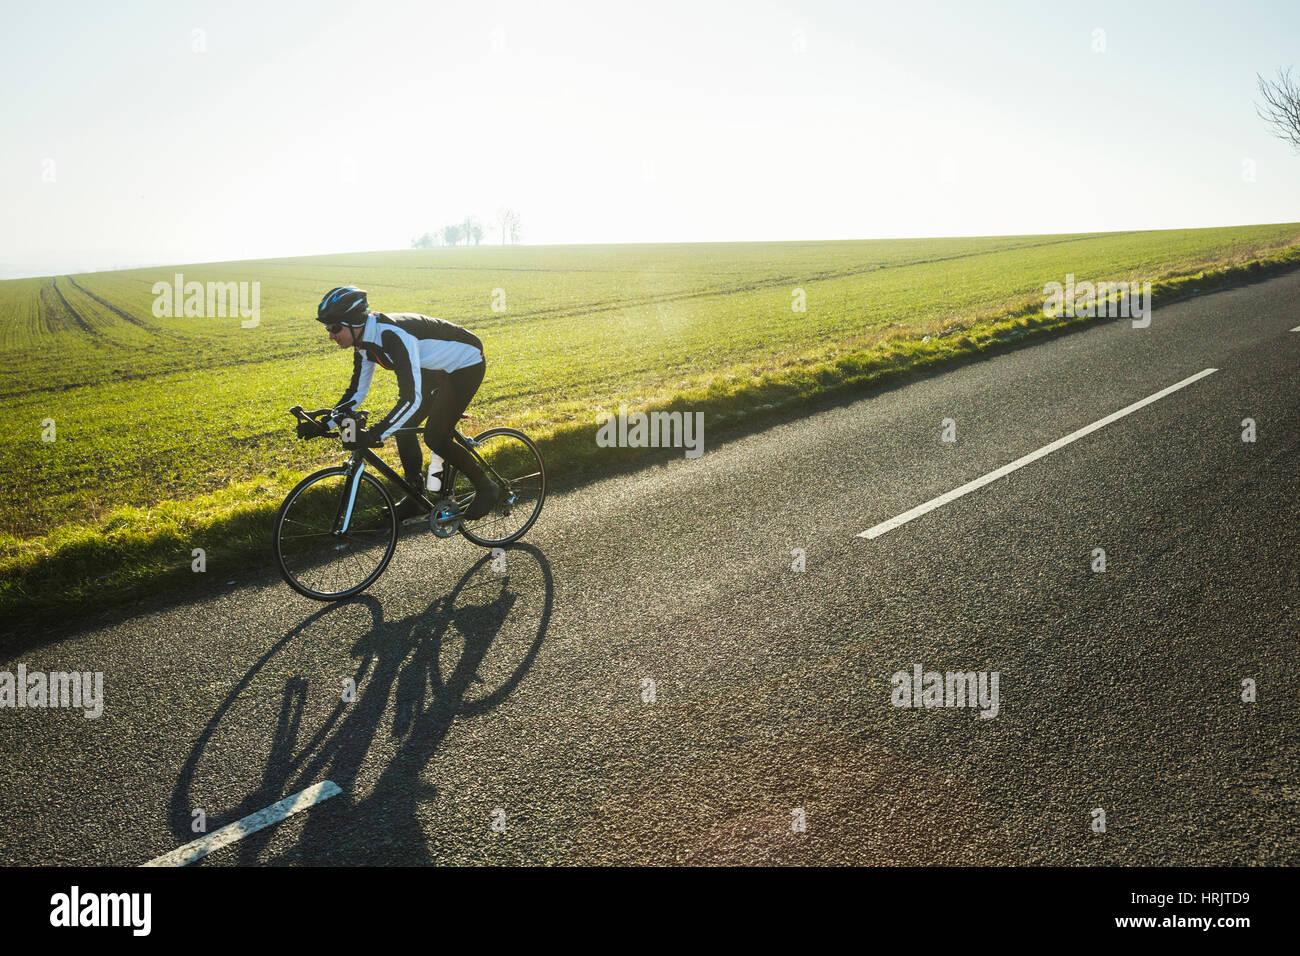 Un ciclista a cavallo, lungo una strada di campagna su una chiara soleggiata giornata invernale. Ombra sulla superficie Immagini Stock